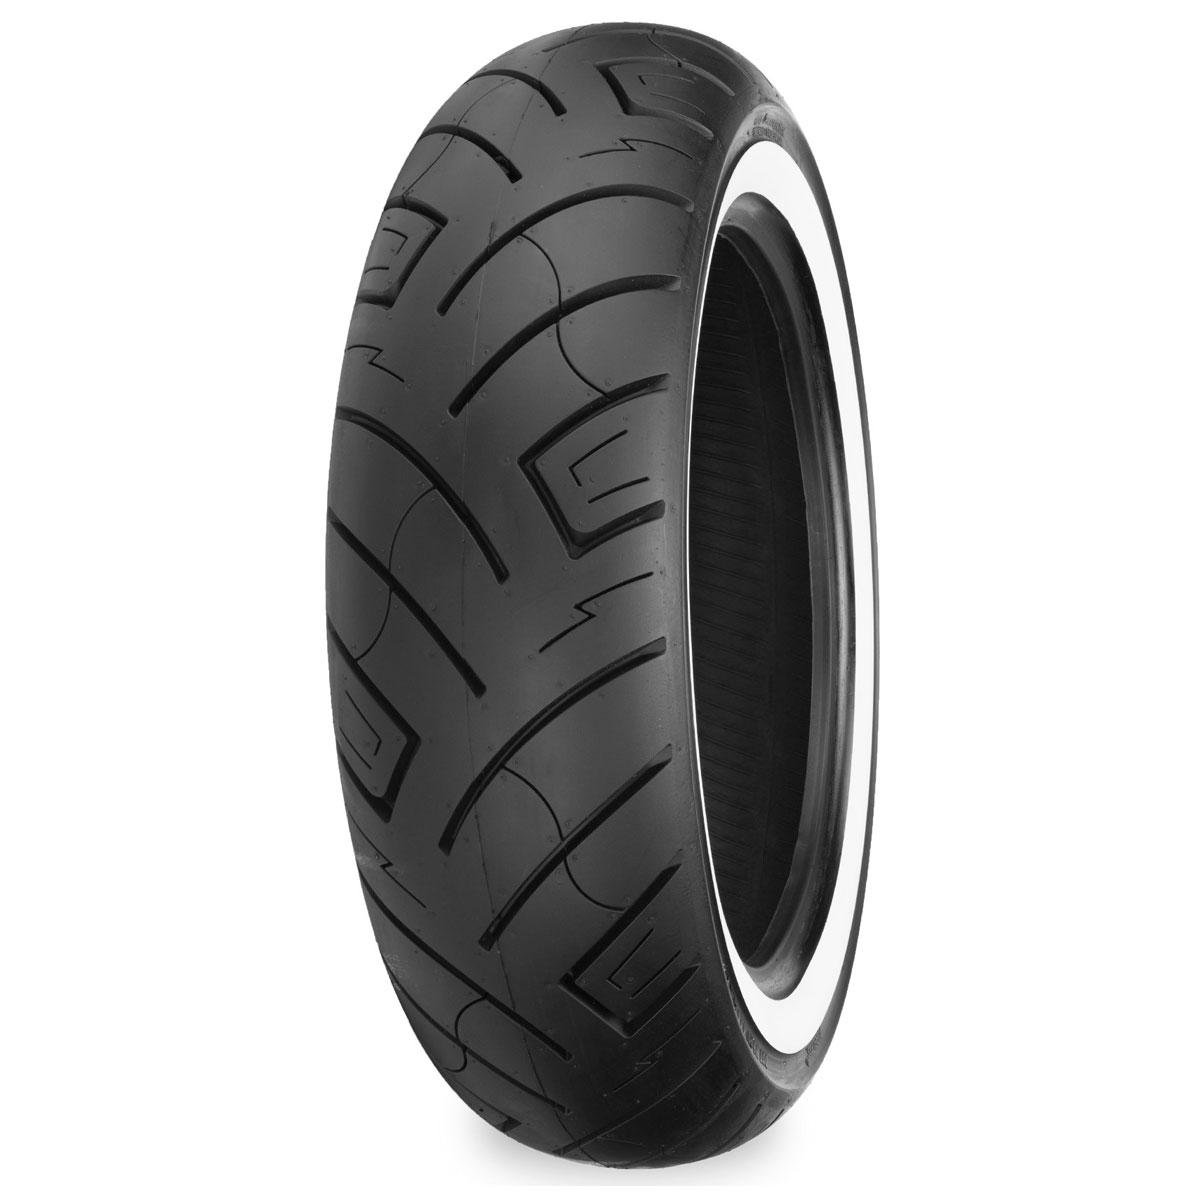 Shinko 777 180/65-16 Wide Whitewall Rear Tire